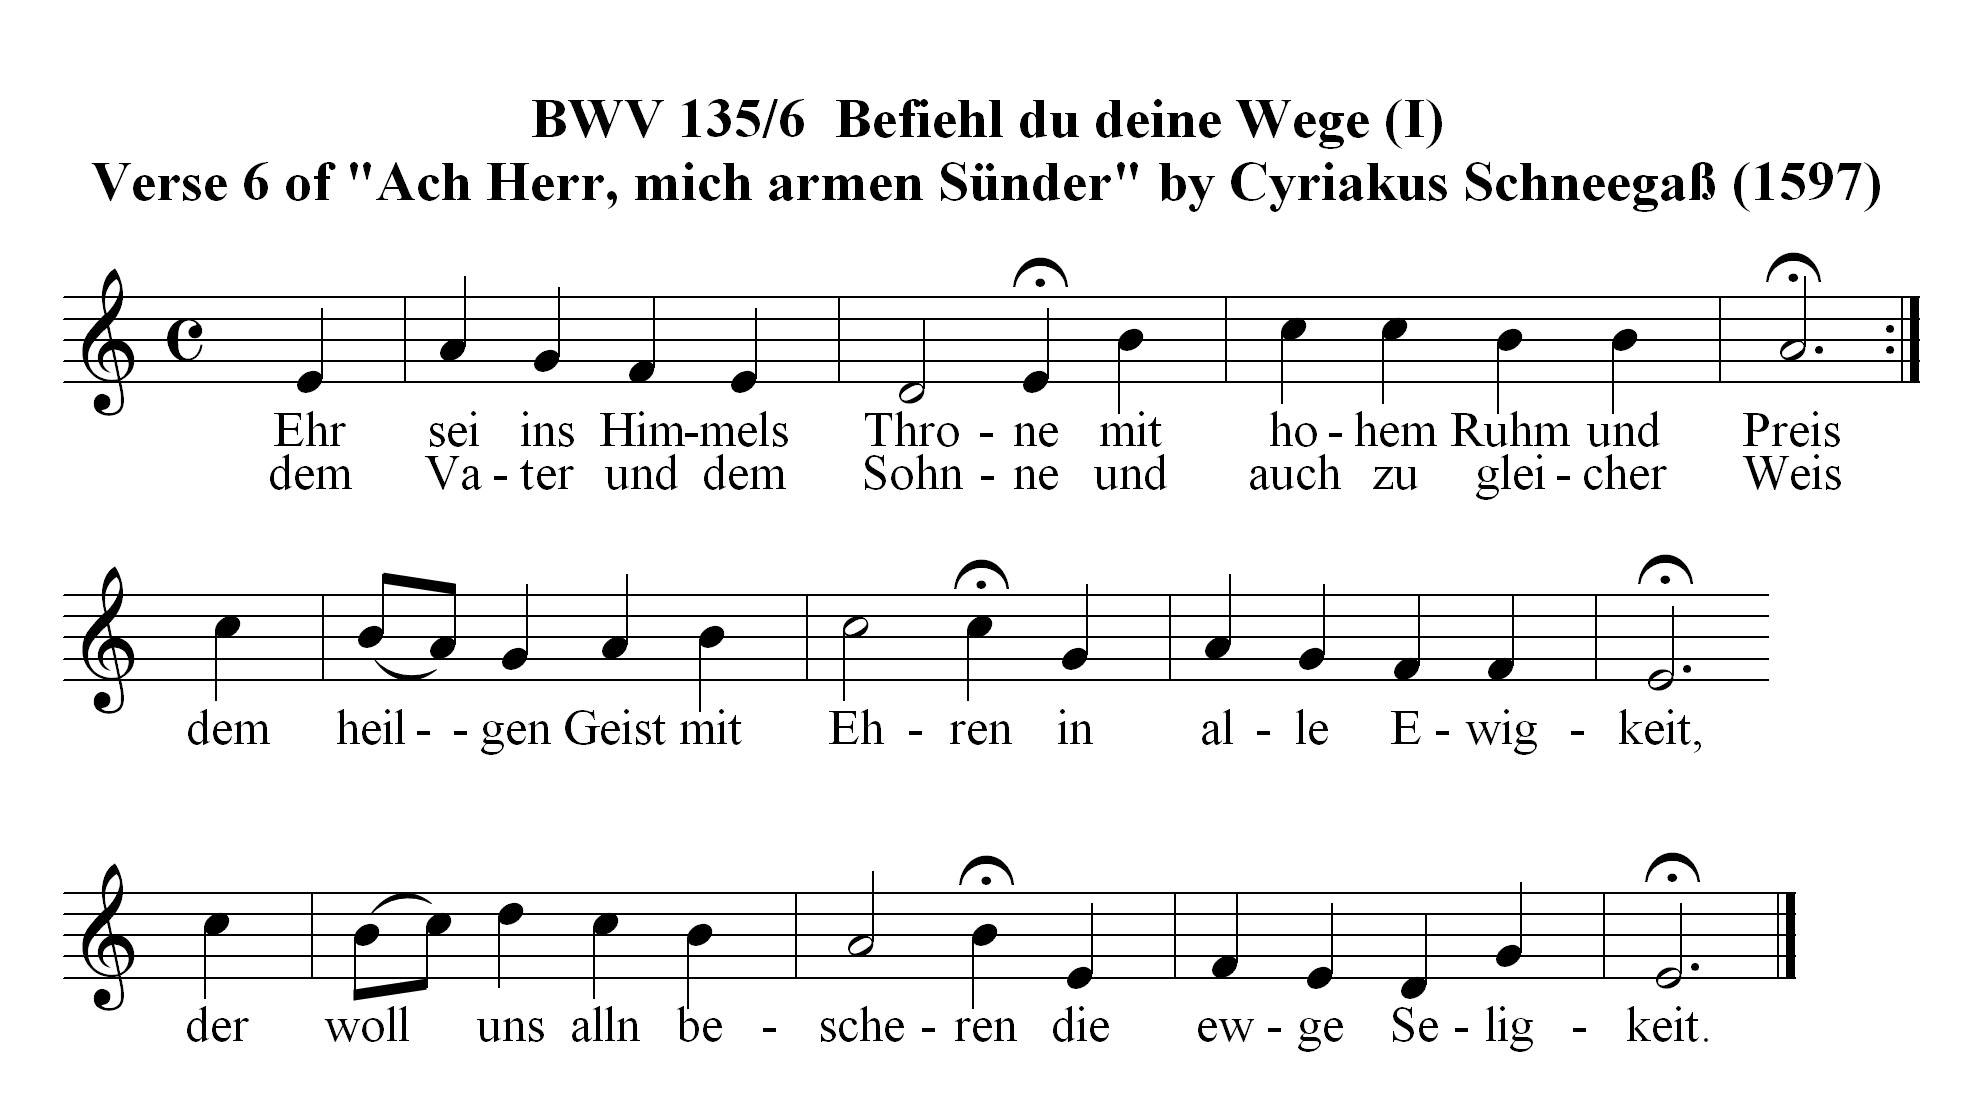 Chorale Melody: Befiehl du deine Wege